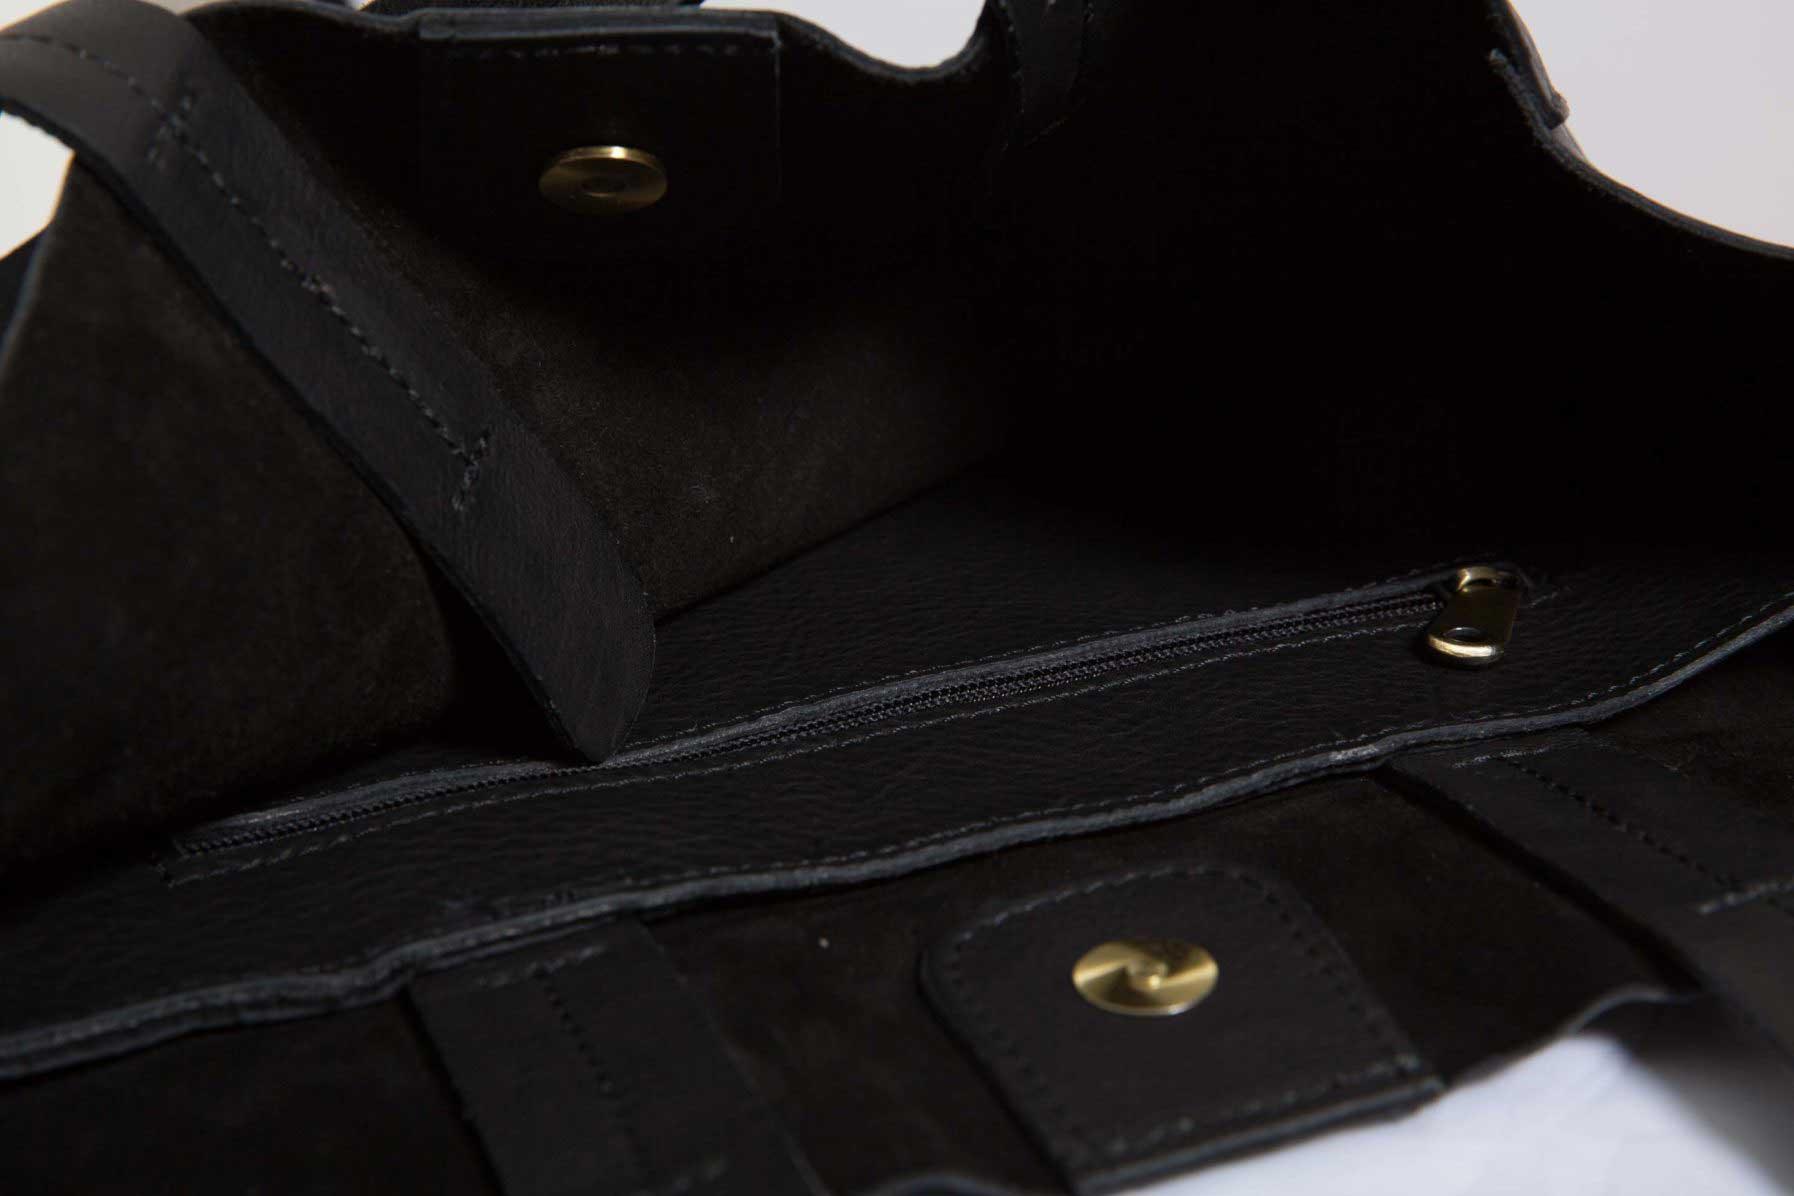 Détails - Grand Shopper Cuir Noir Grainé - porté de profil - ordinari.shop